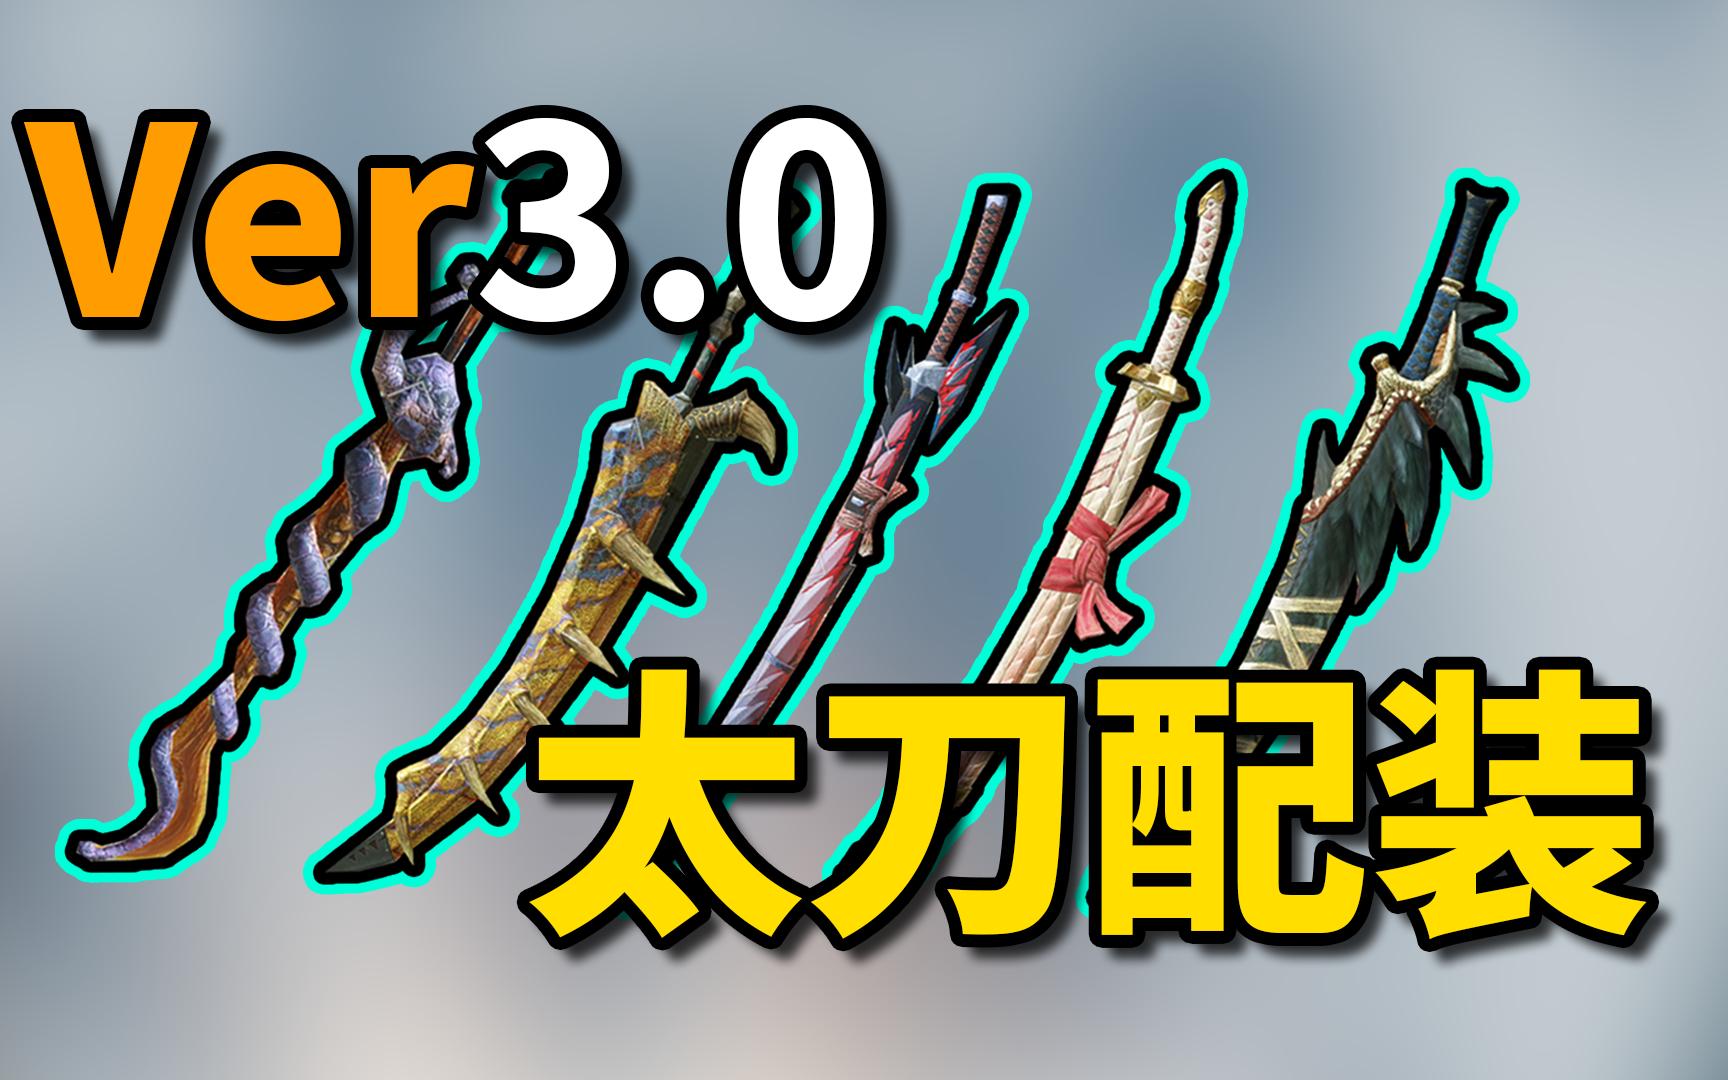 【怪物猎人崛起】Ver3.0五把太刀配装